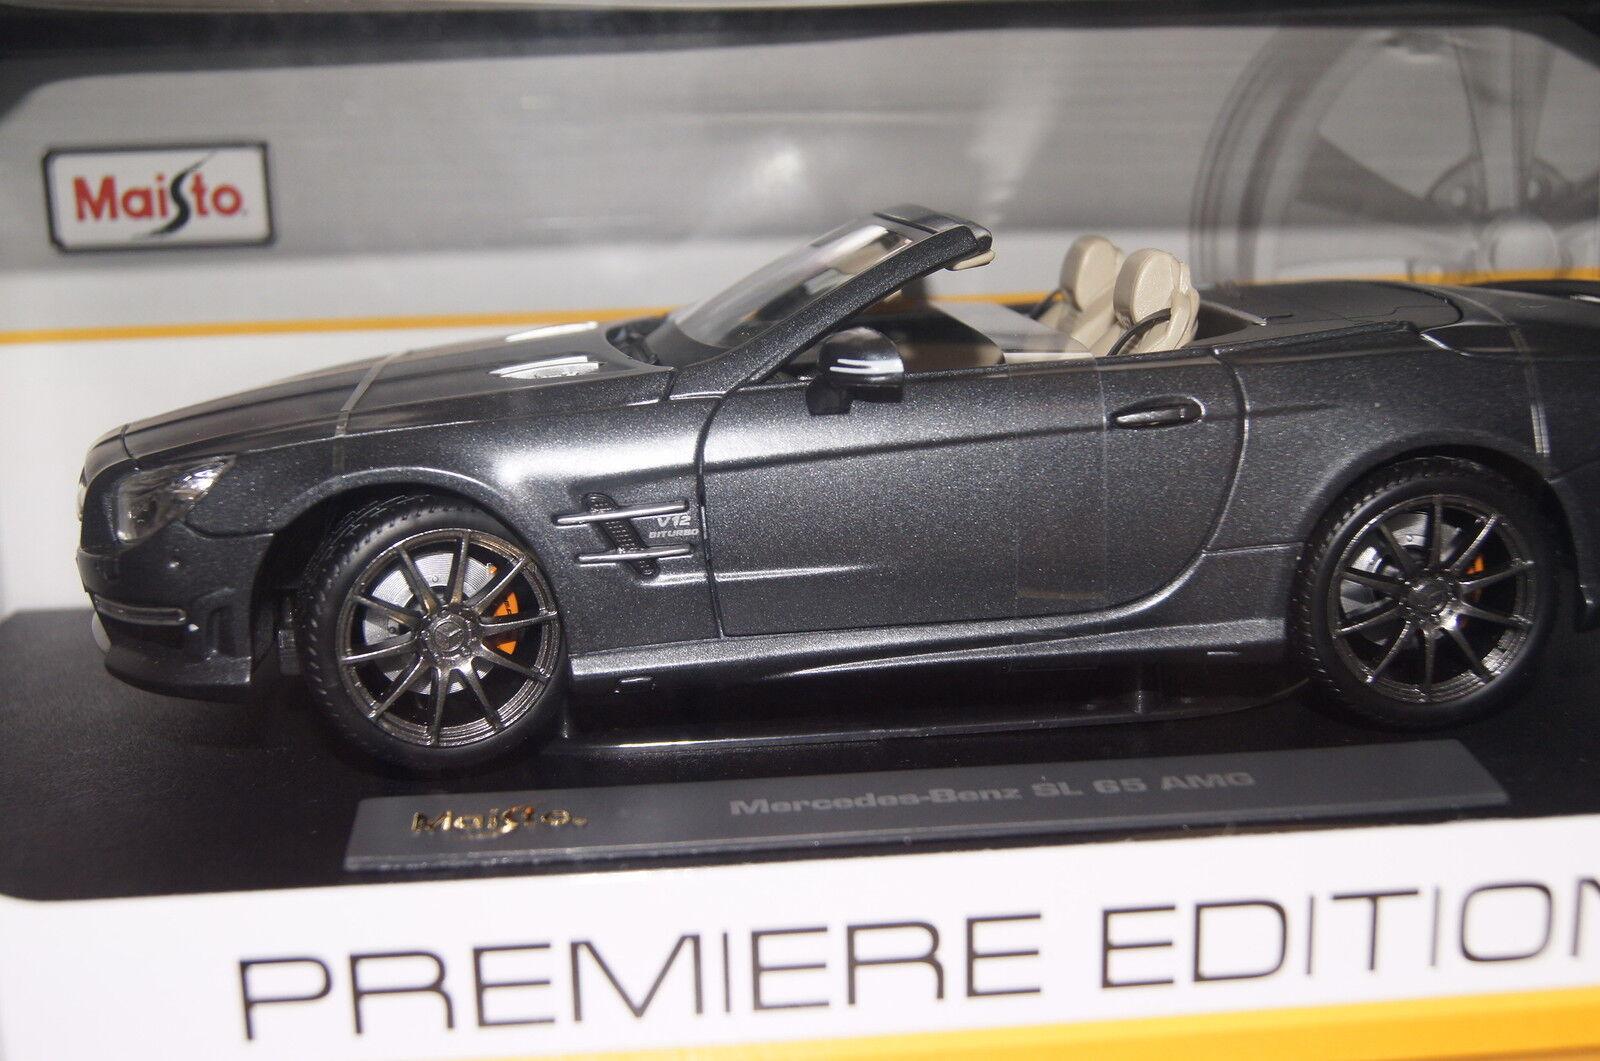 Mercedes SL AMG 65 Cabrio 2012 matt grau 1 18 Maisto neu & OVP